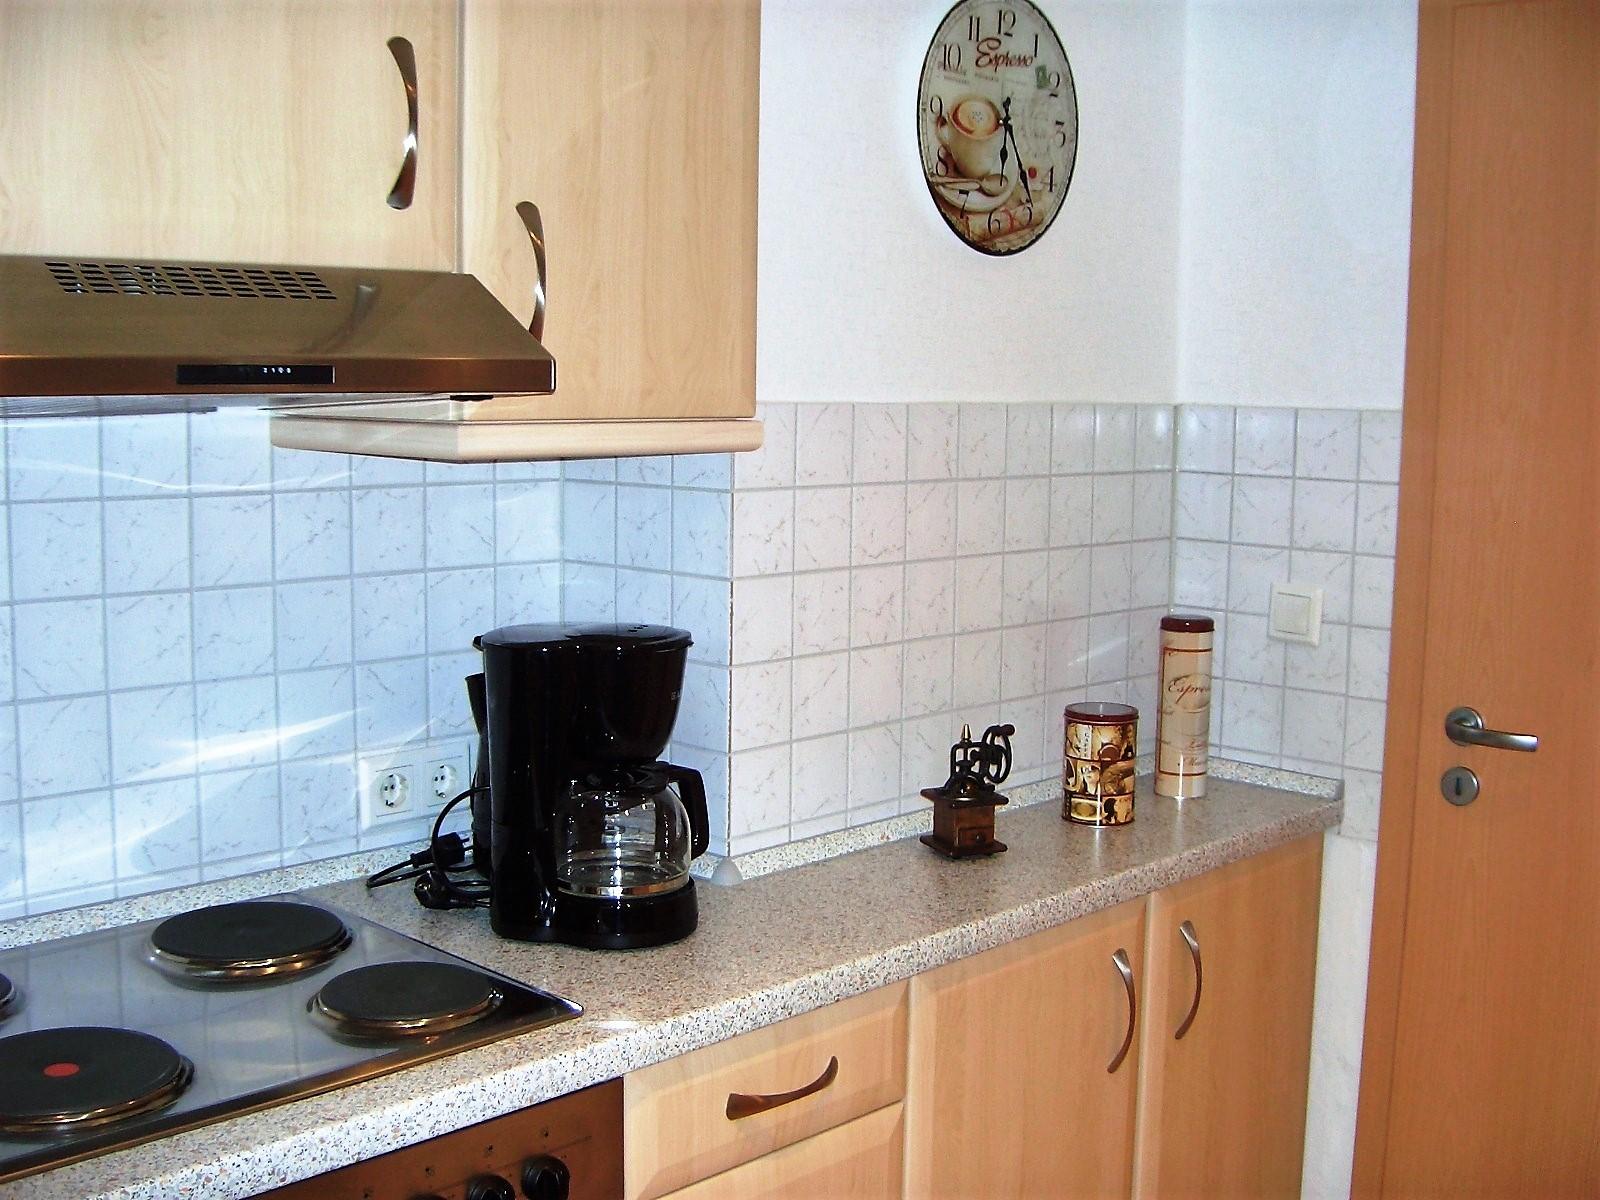 Foto Küche Kaffemaschine und Herd